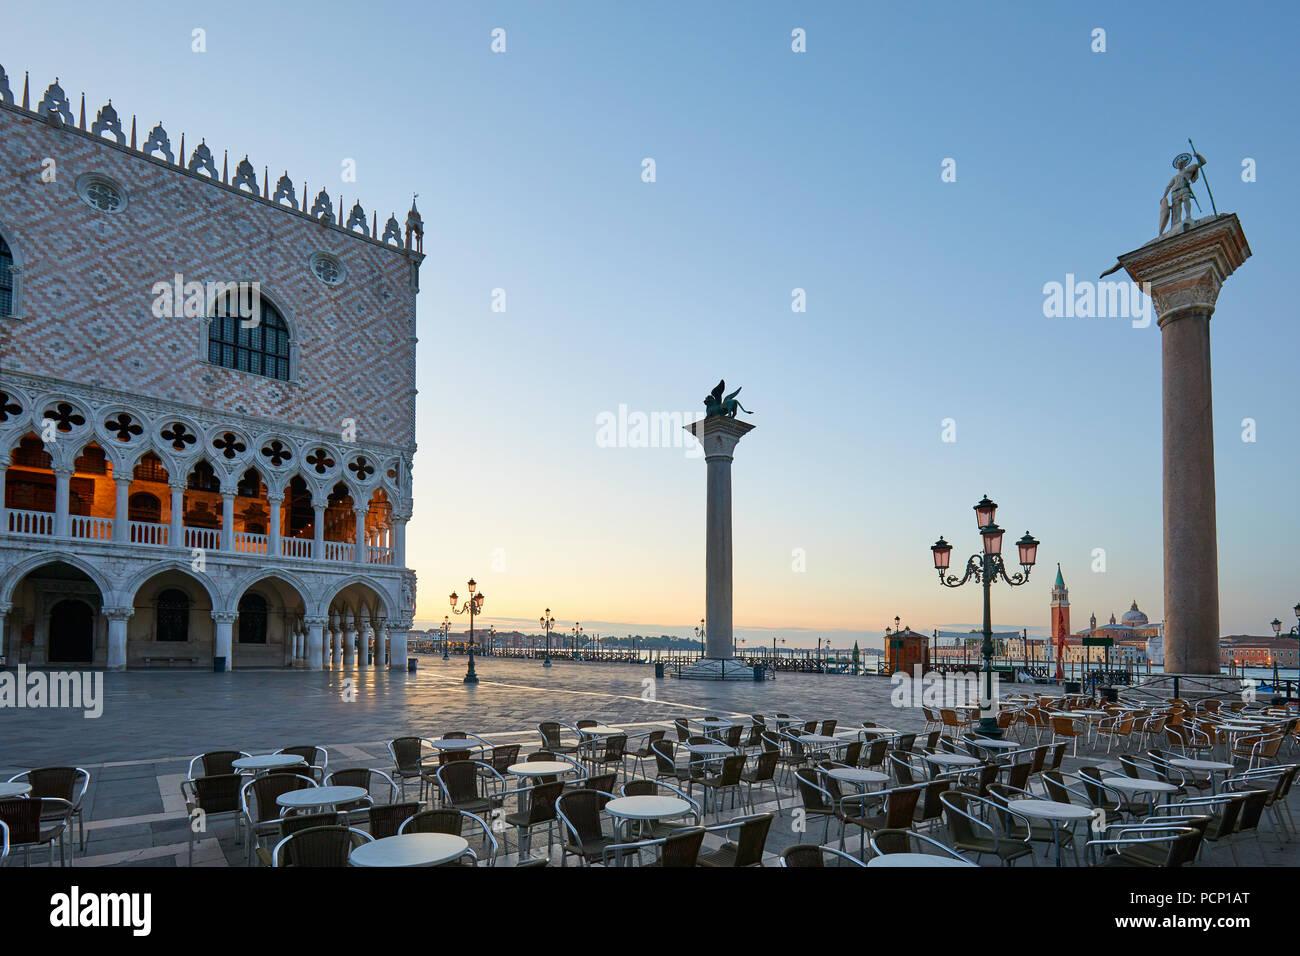 La plaza de San Marcos con mesas en la acera vacía, nadie al amanecer en Venecia, Italia Imagen De Stock